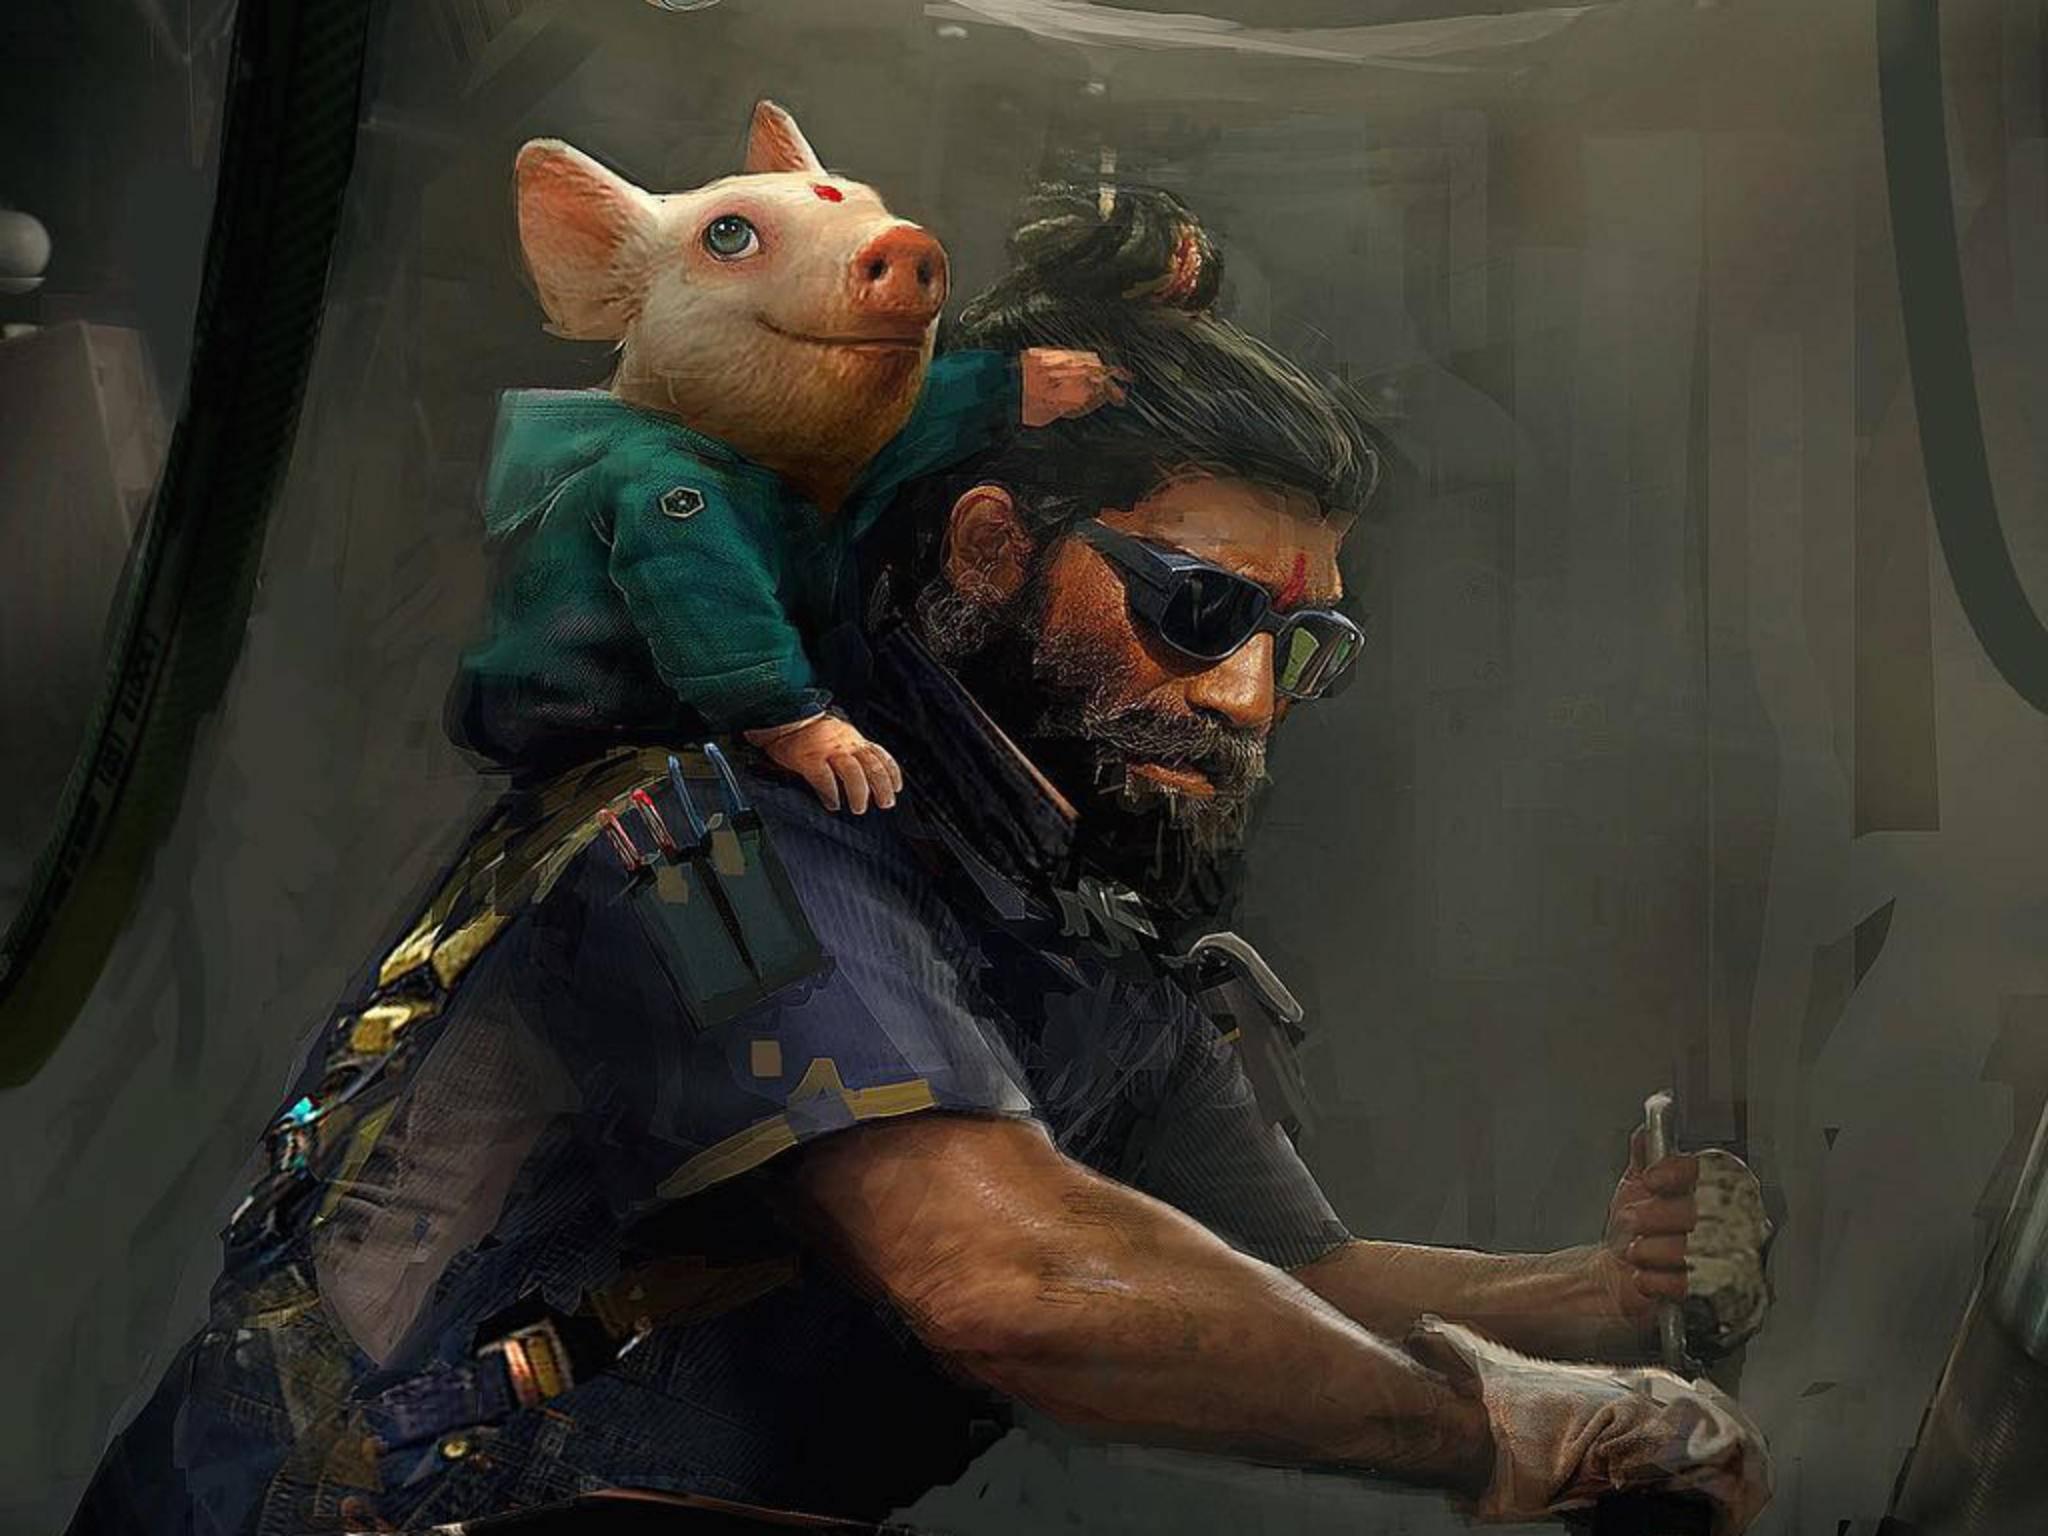 """Deutet dieses Bild auf """"Beyond Good & Evil 2"""" hin?"""